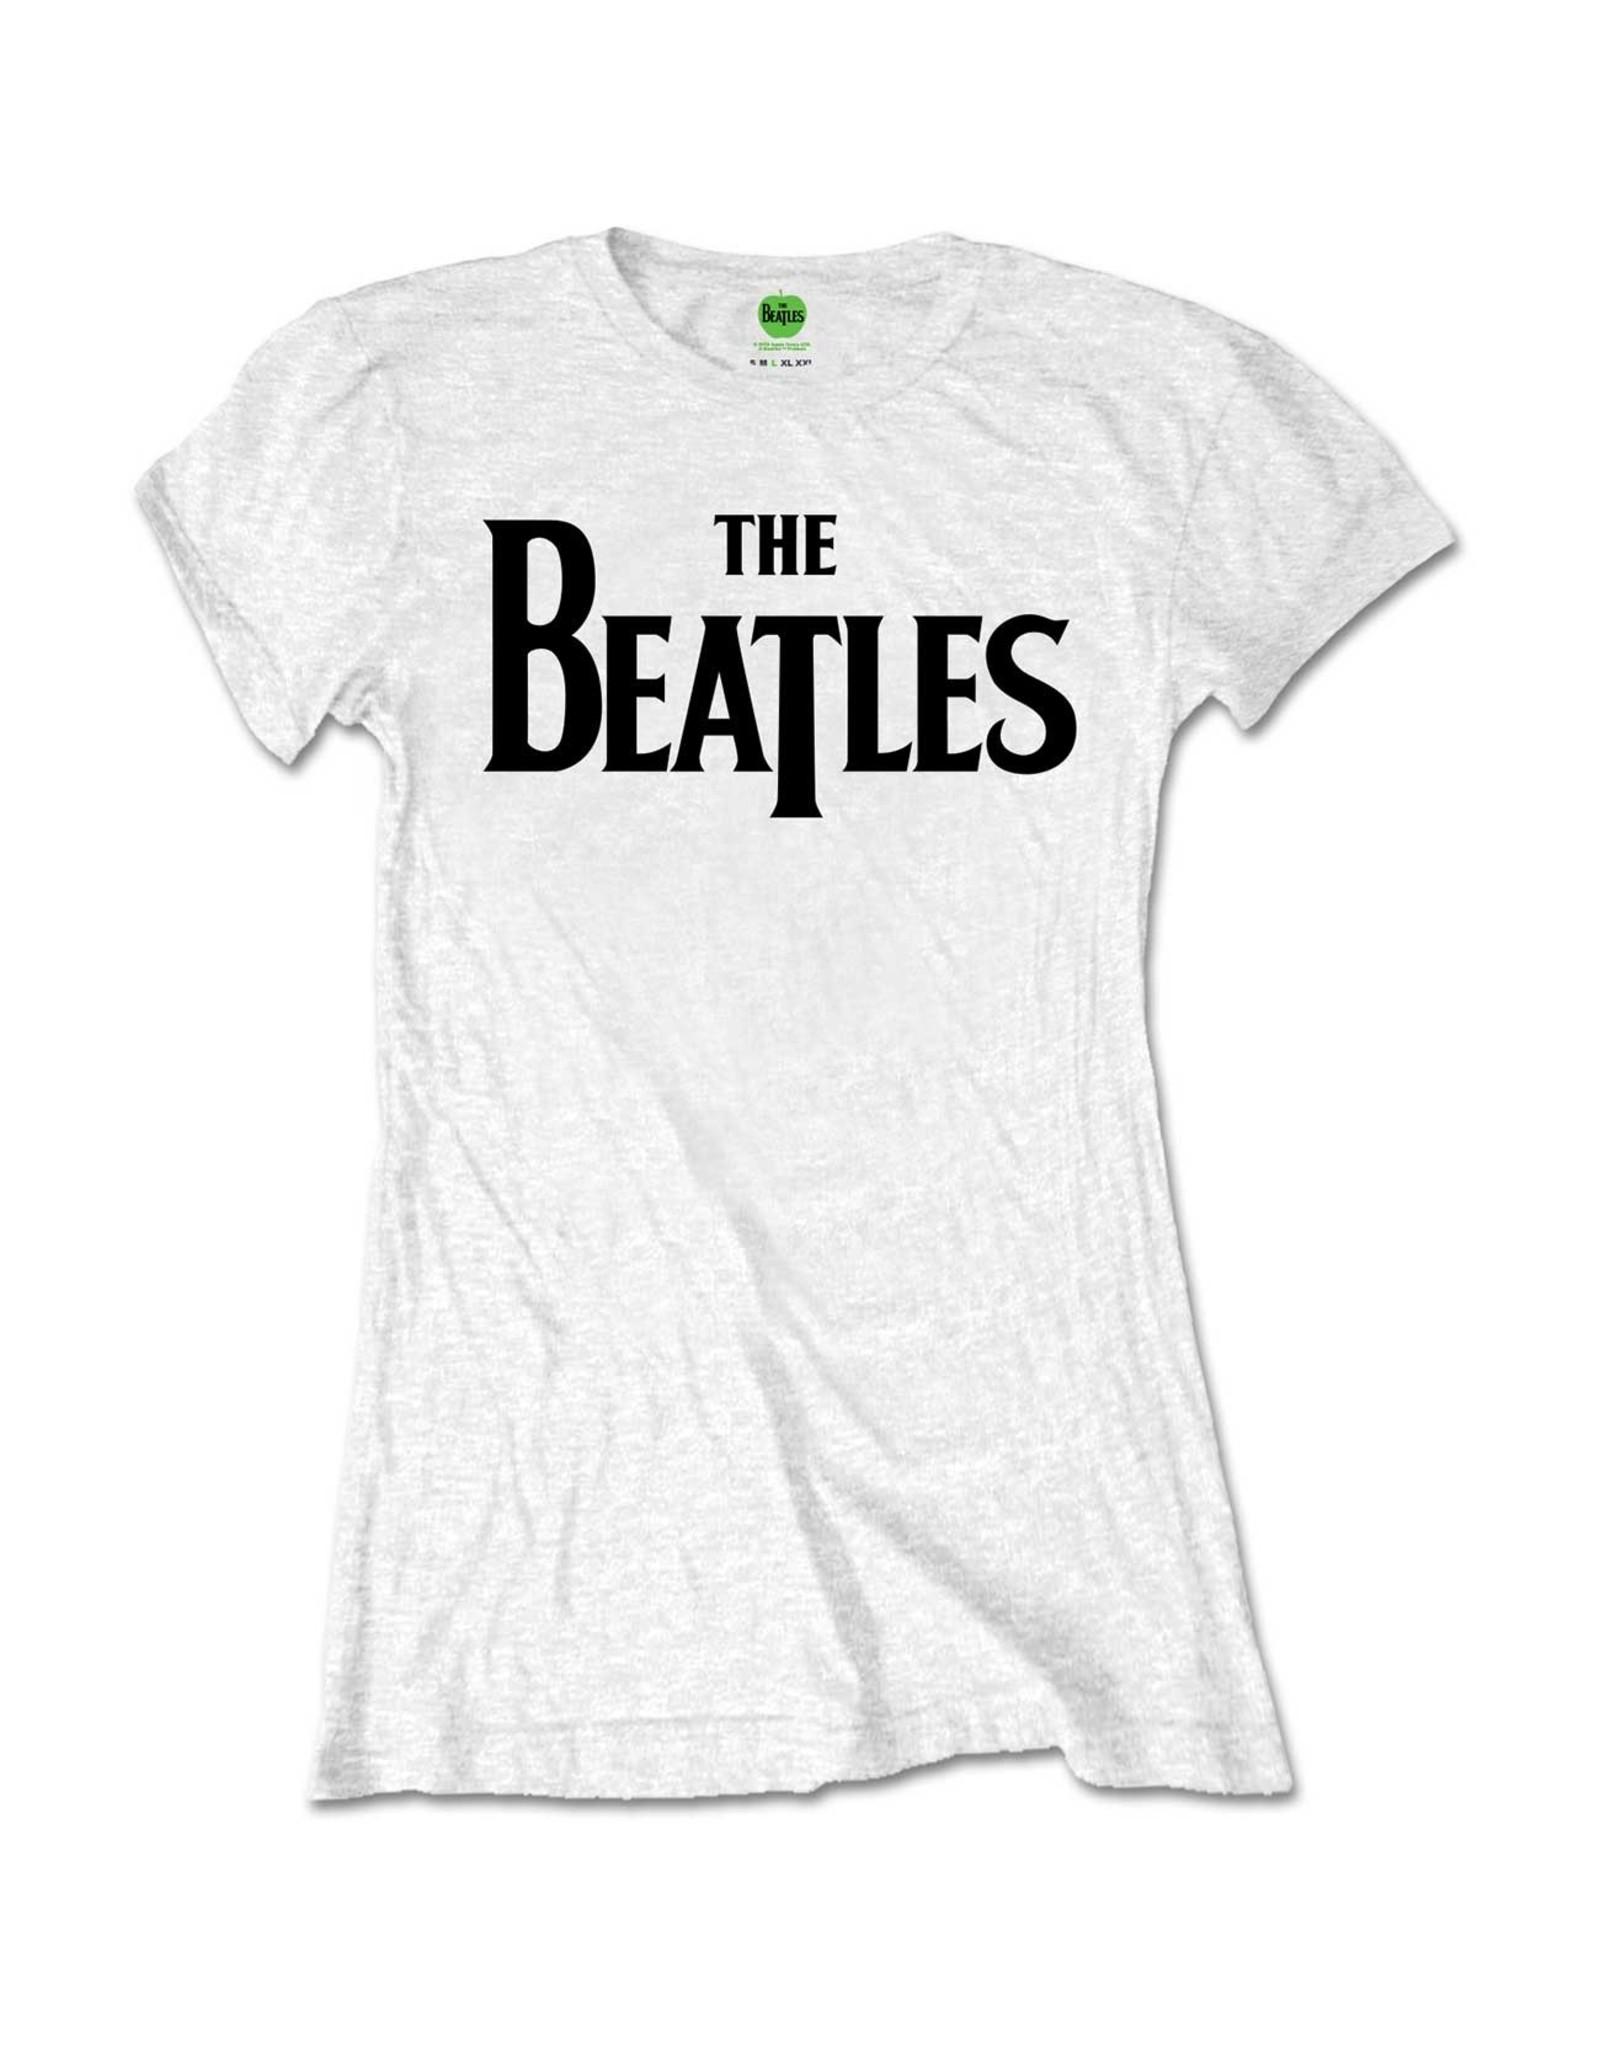 The Beatles / Drop T Logo Women's Premium Tee